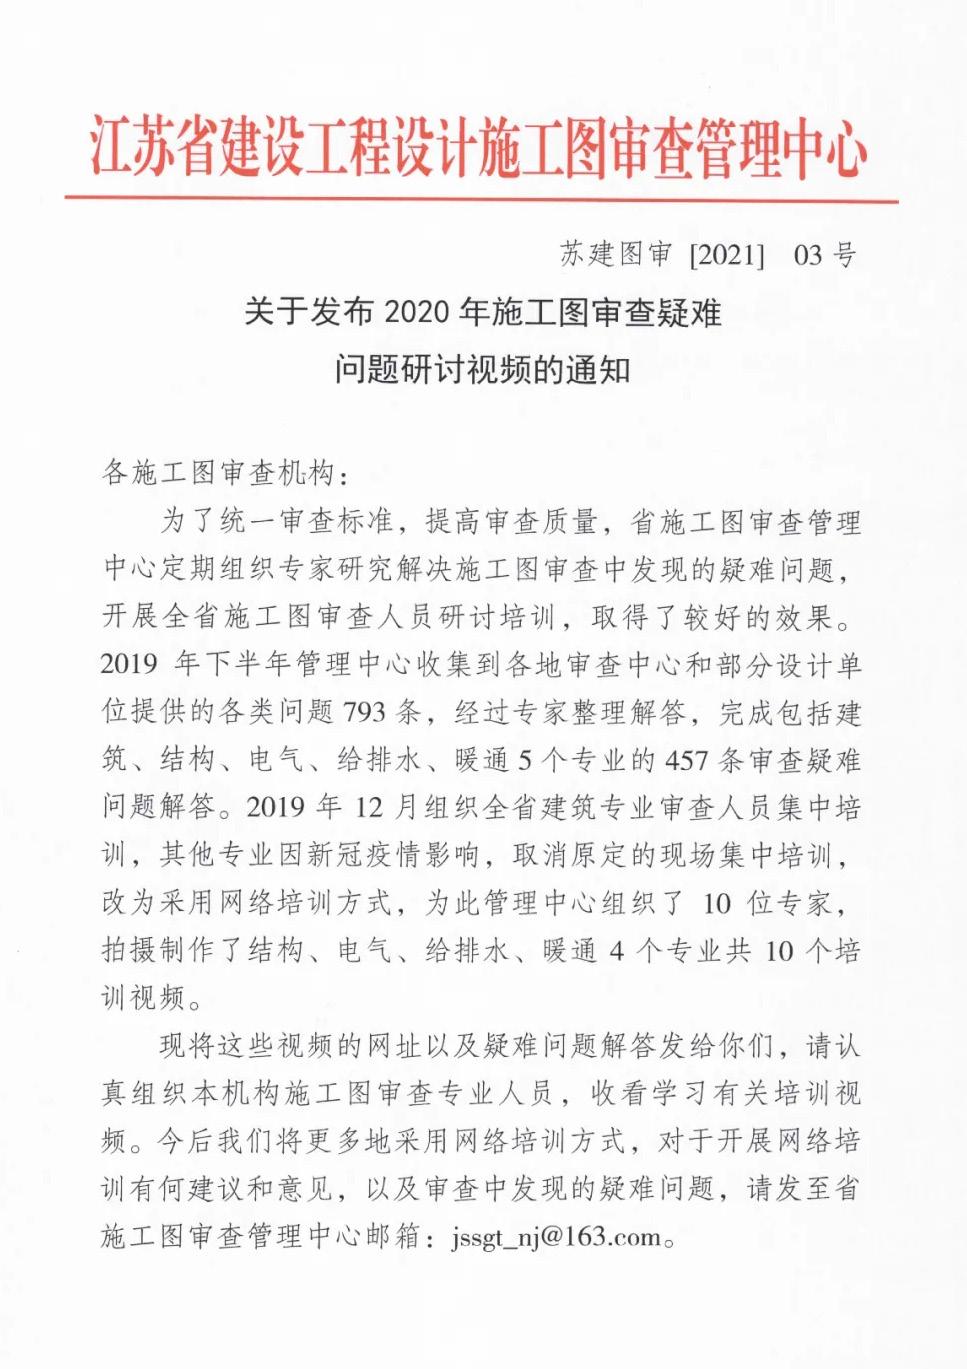 2020年江苏省建设工程施工图设计审查疑难问题研讨视频